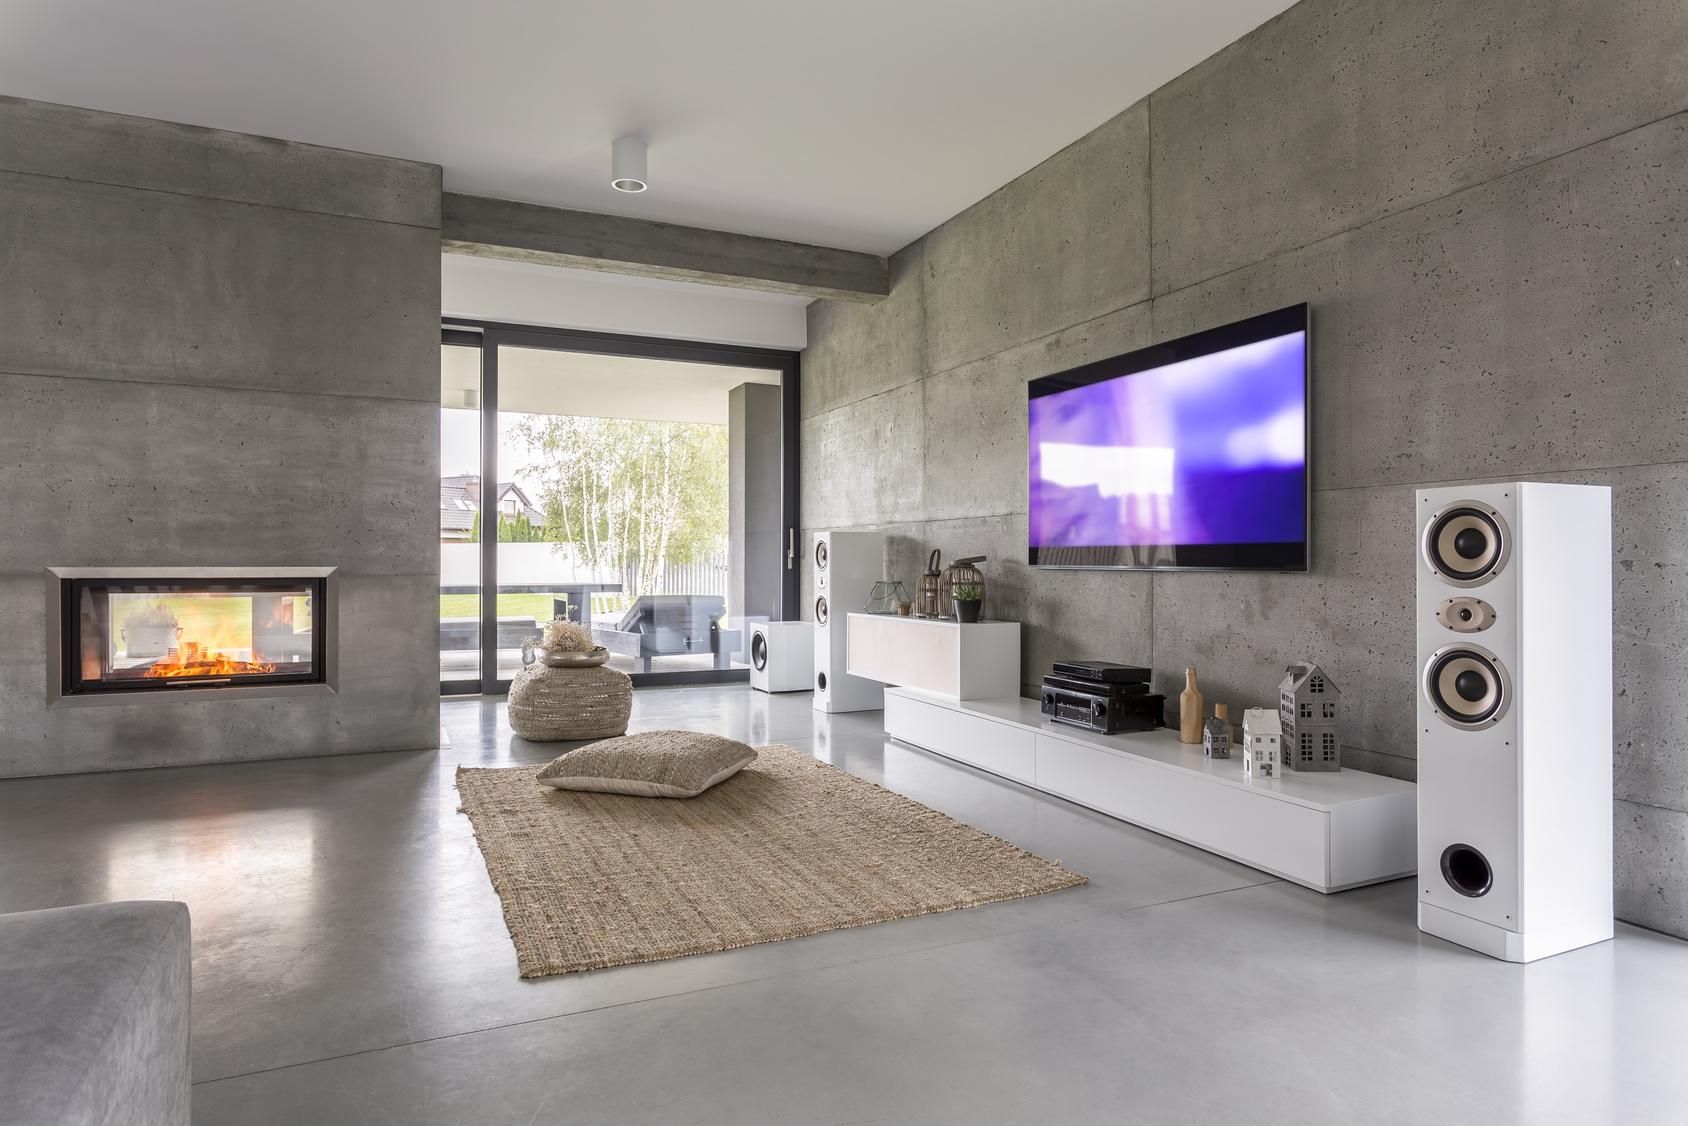 Beton architektoniczny w domu - Beton architektoniczny ...